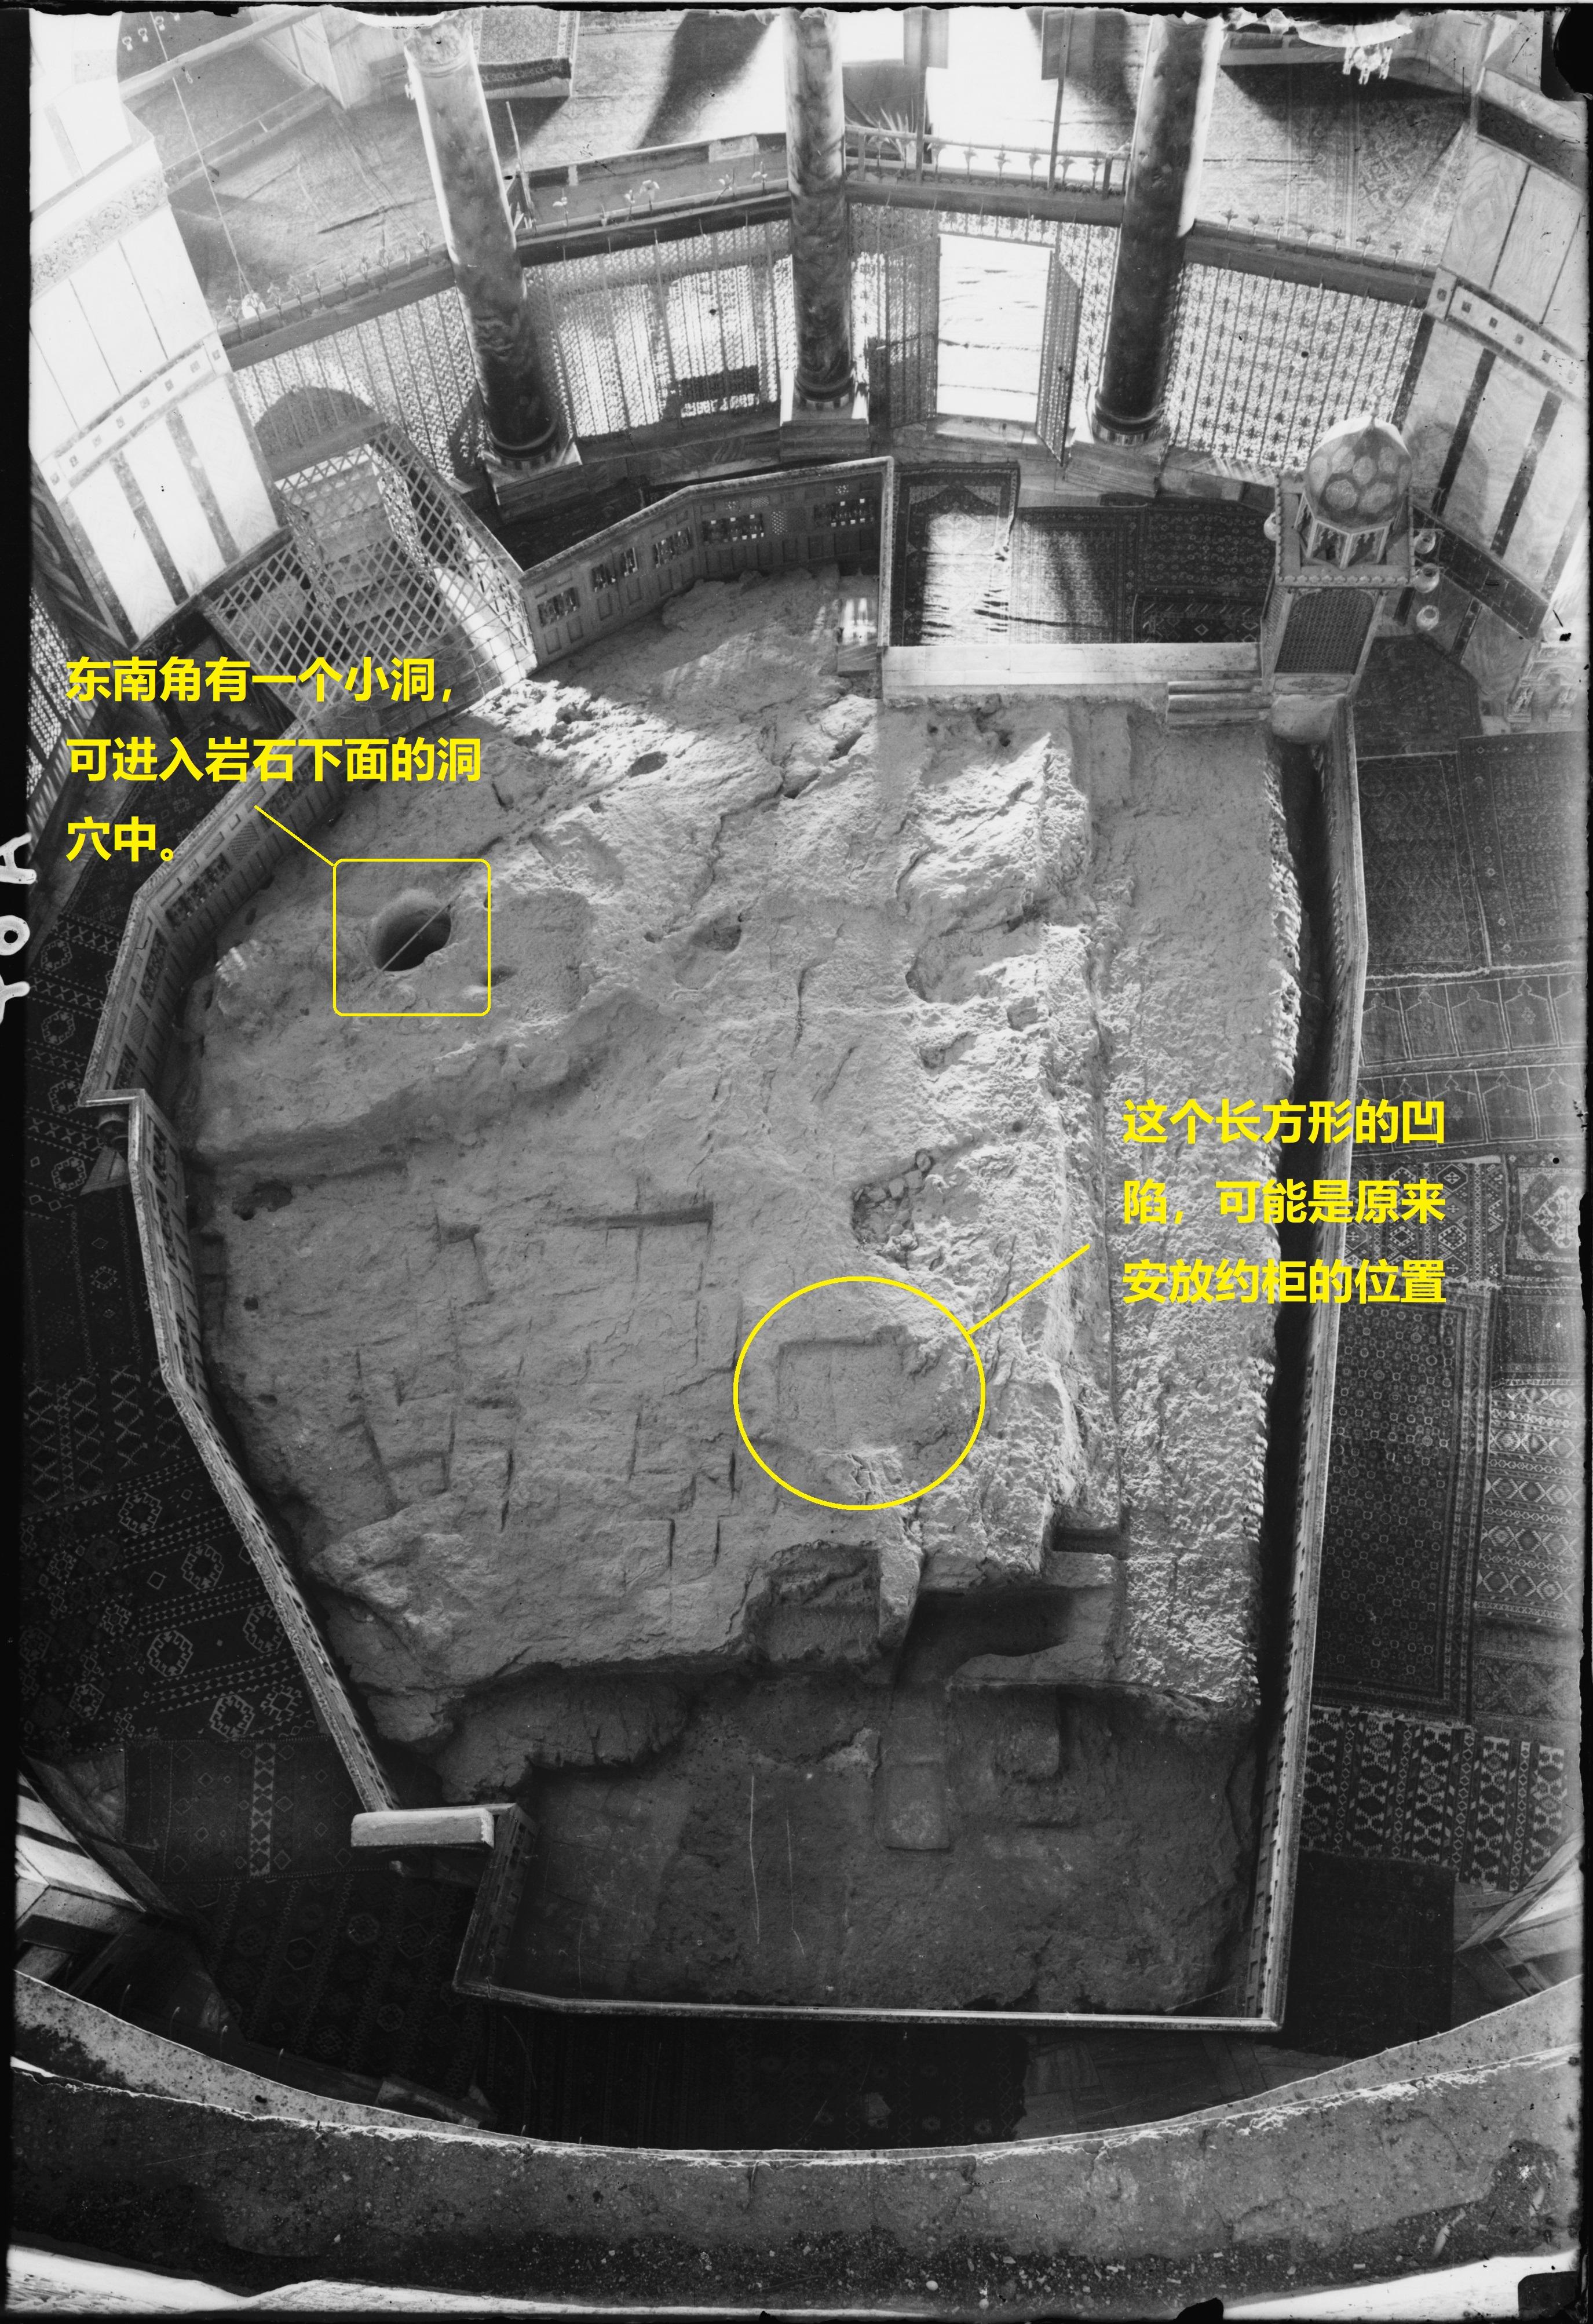 上图:岩石圆顶清真寺金顶下面的基石(Foundation Stone)俯瞰图,摄于1900-1920年。其中的长方形凹陷,可能就是原来安放约柜的位置。左上角的小洞可以进入下面的天然洞穴。